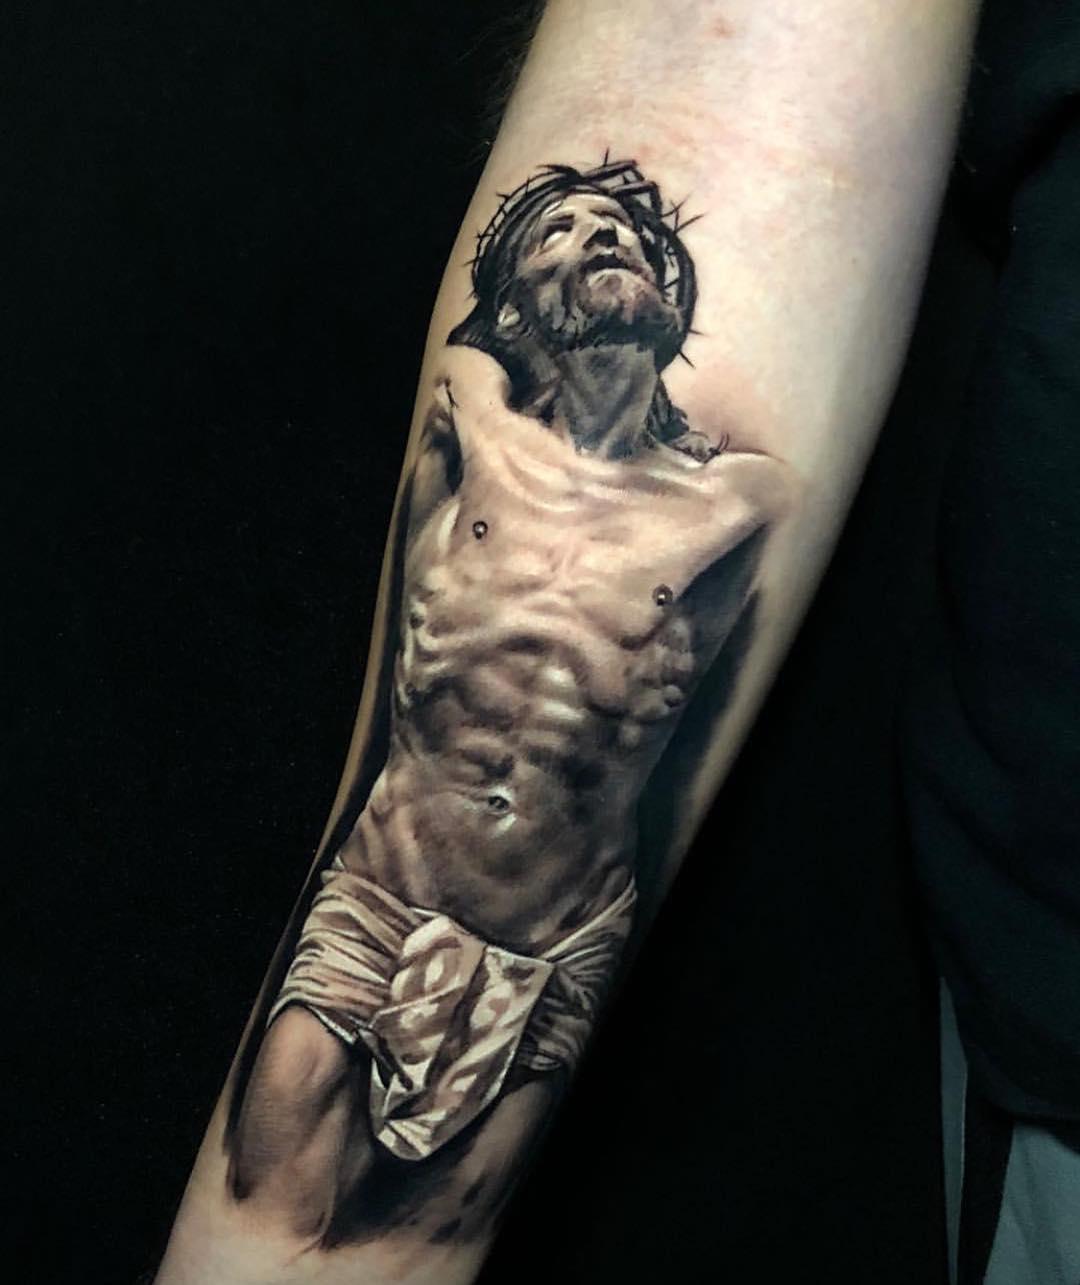 做五金店的袁先生小臂写实耶稣纹身图案